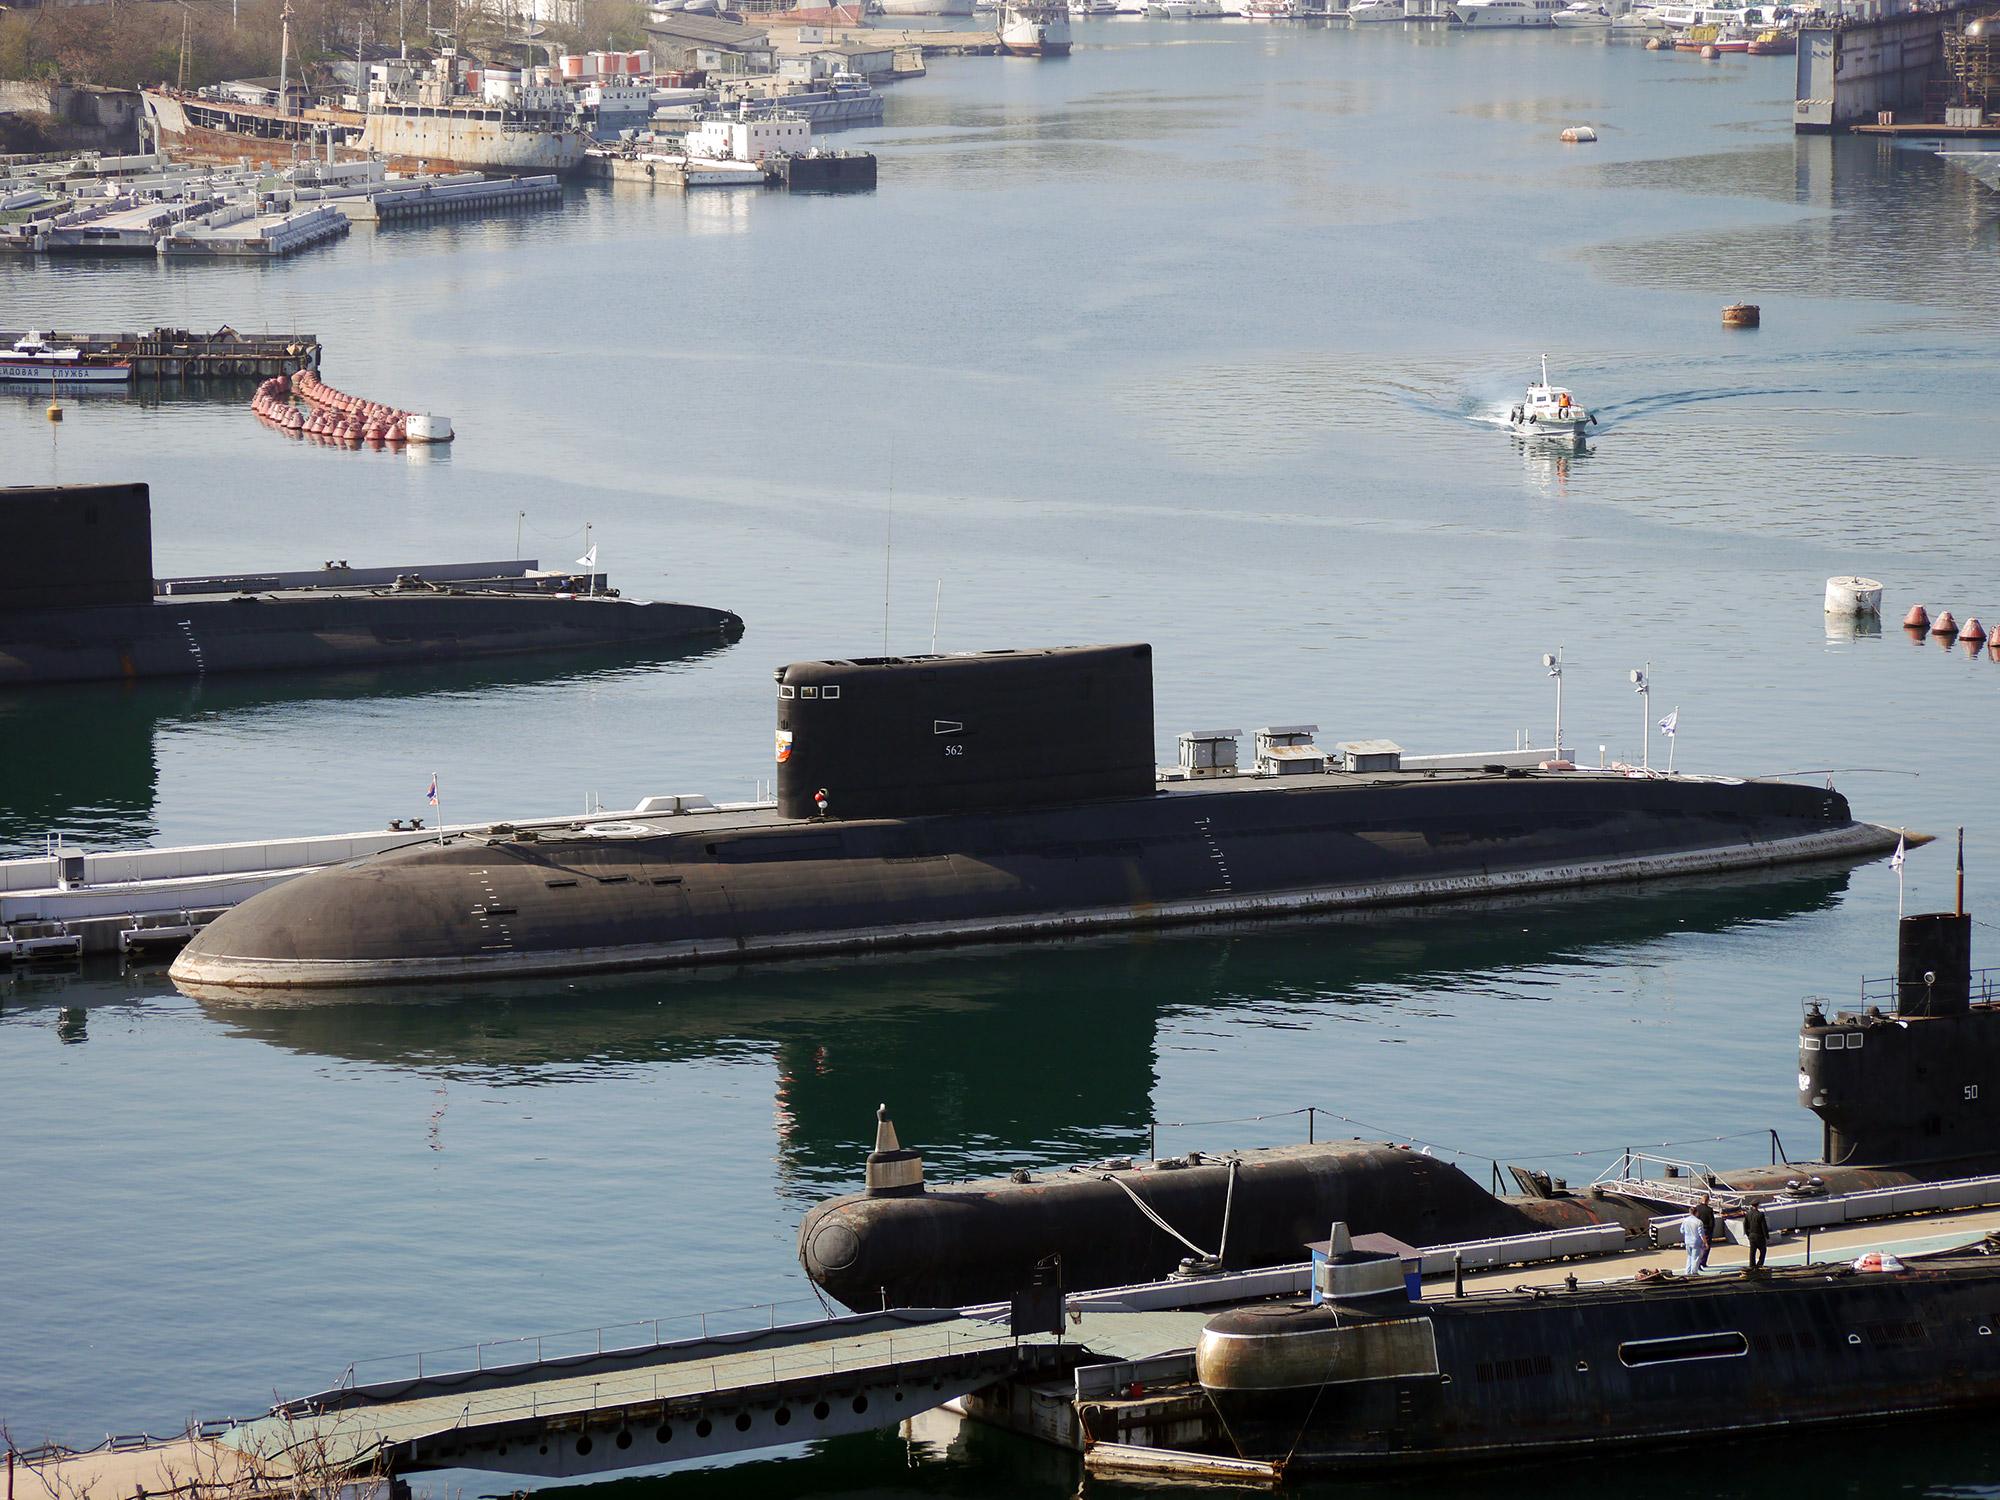 Подводная лодка краснодар фото